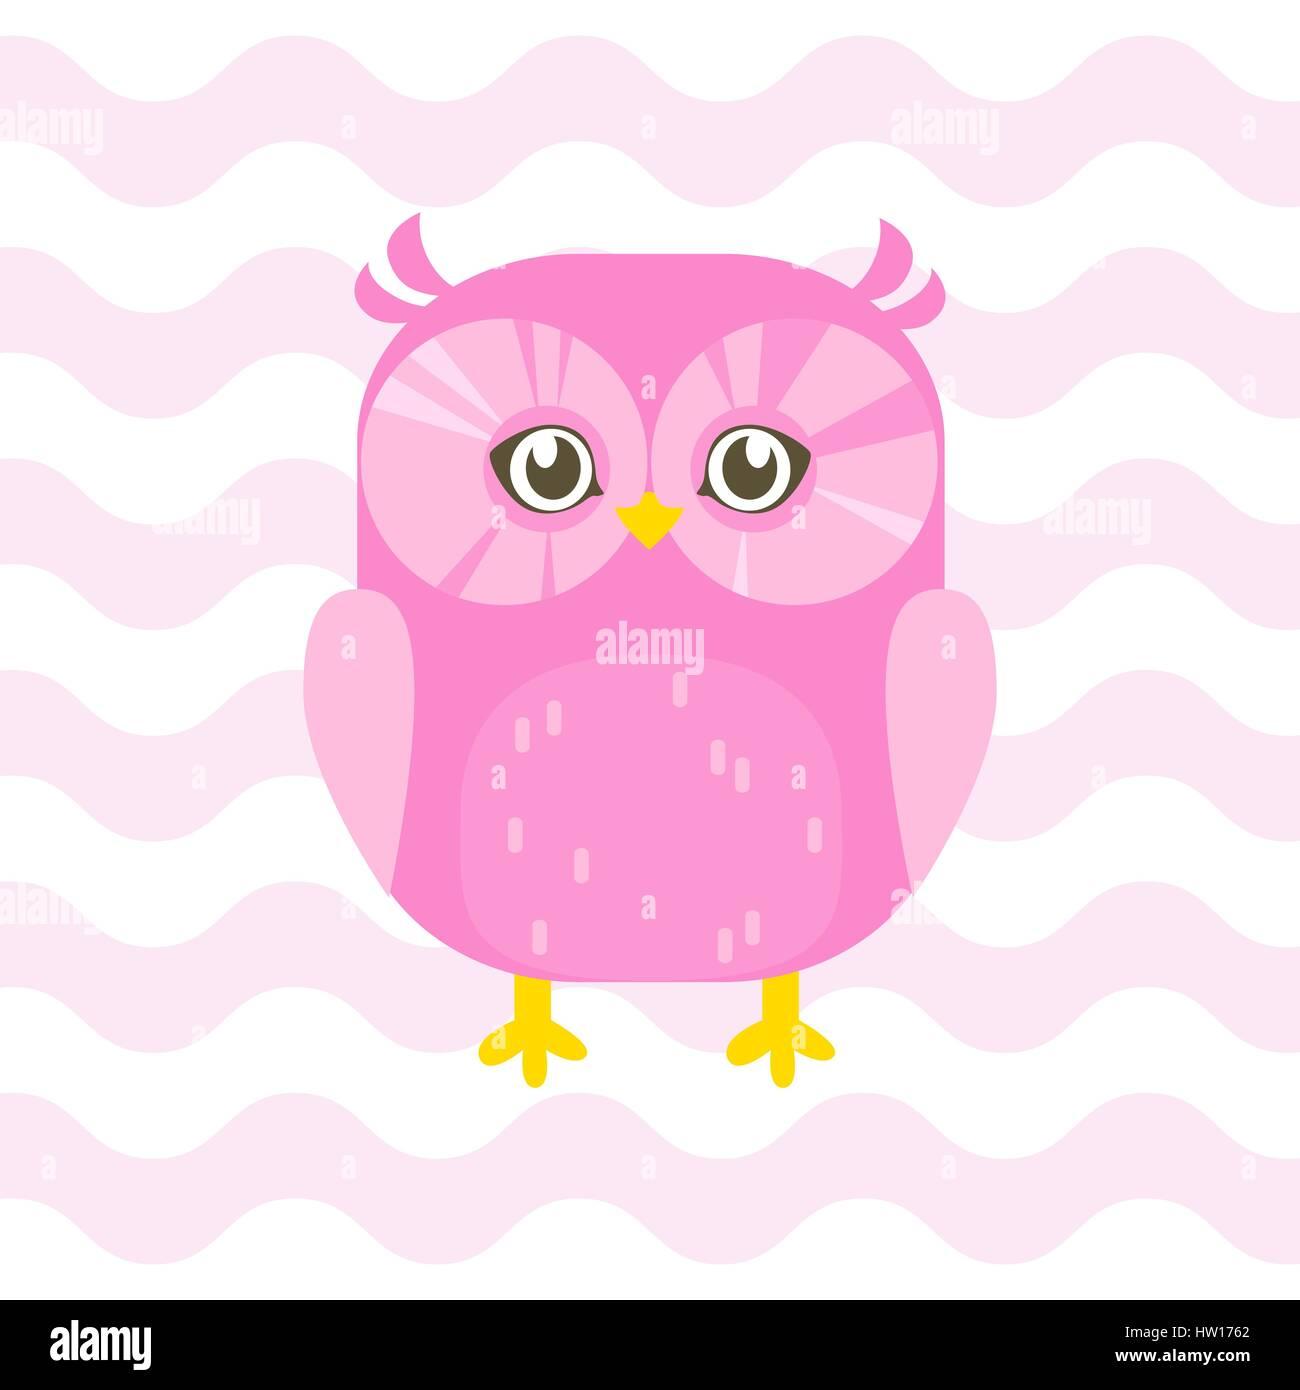 Baby Shower Ilustración Con Lindo Color Rosa Bebé Búho En Color Rosa